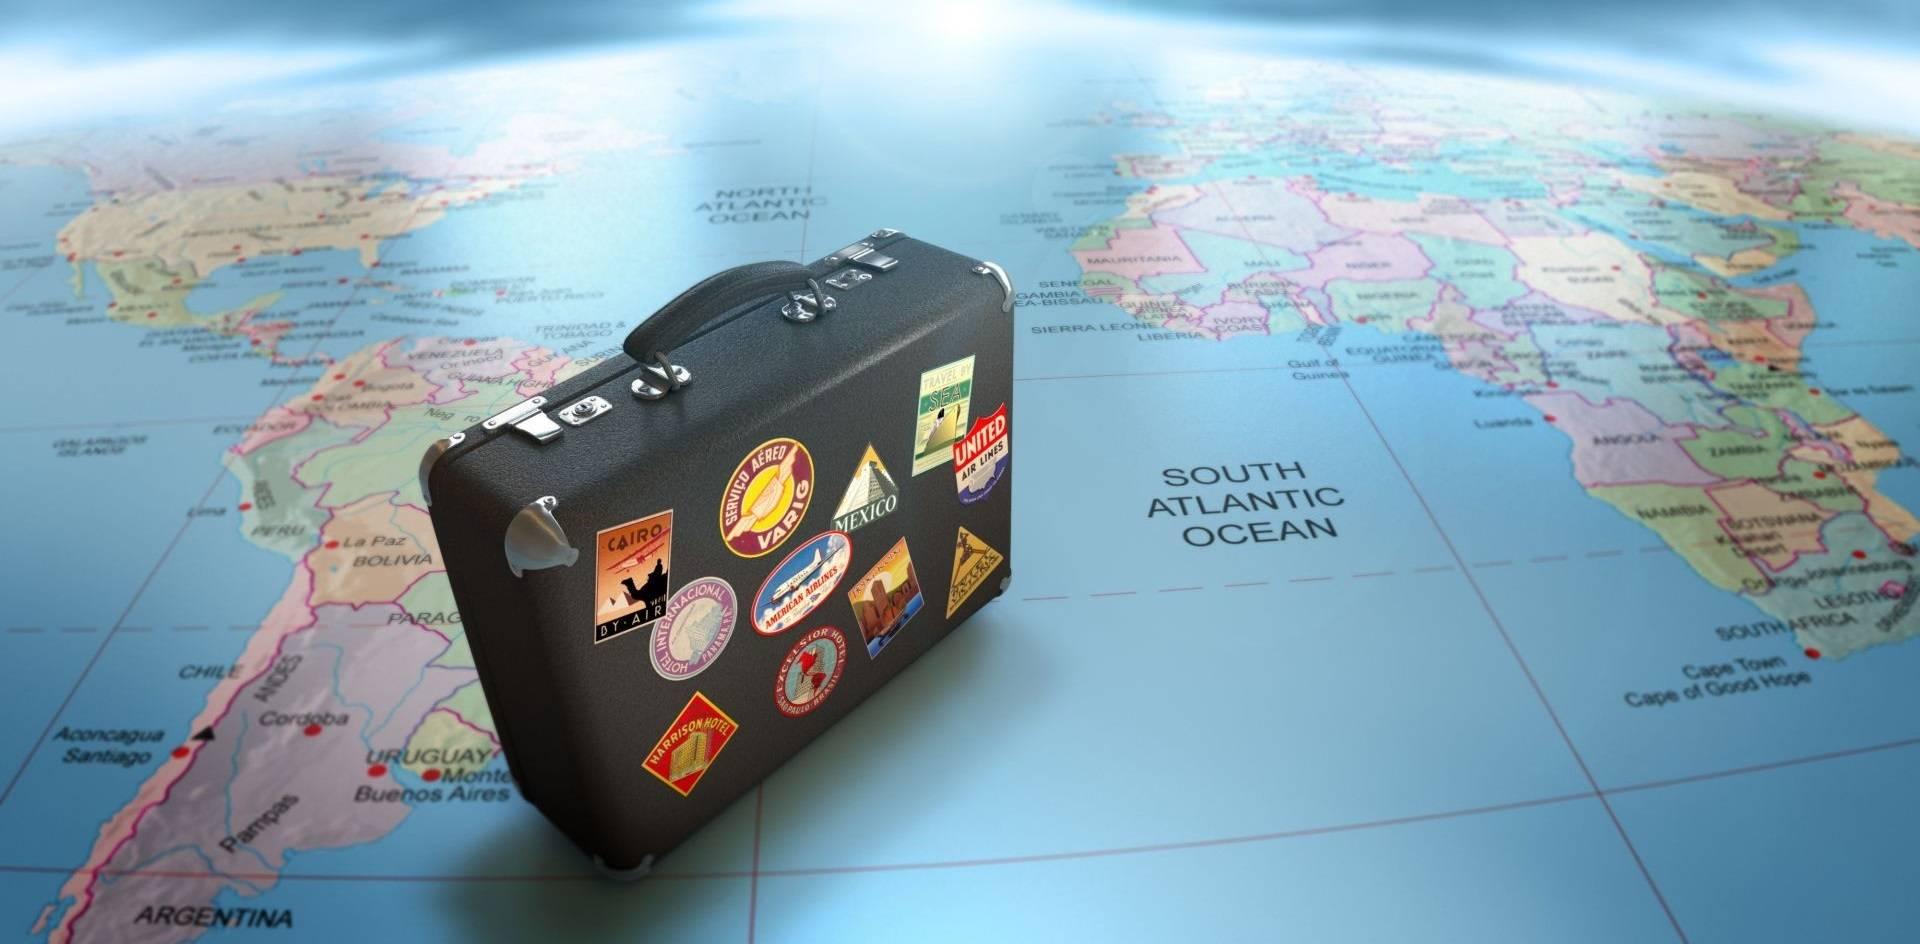 ¡Sin excusa! 5 lugares lowcost para viajar